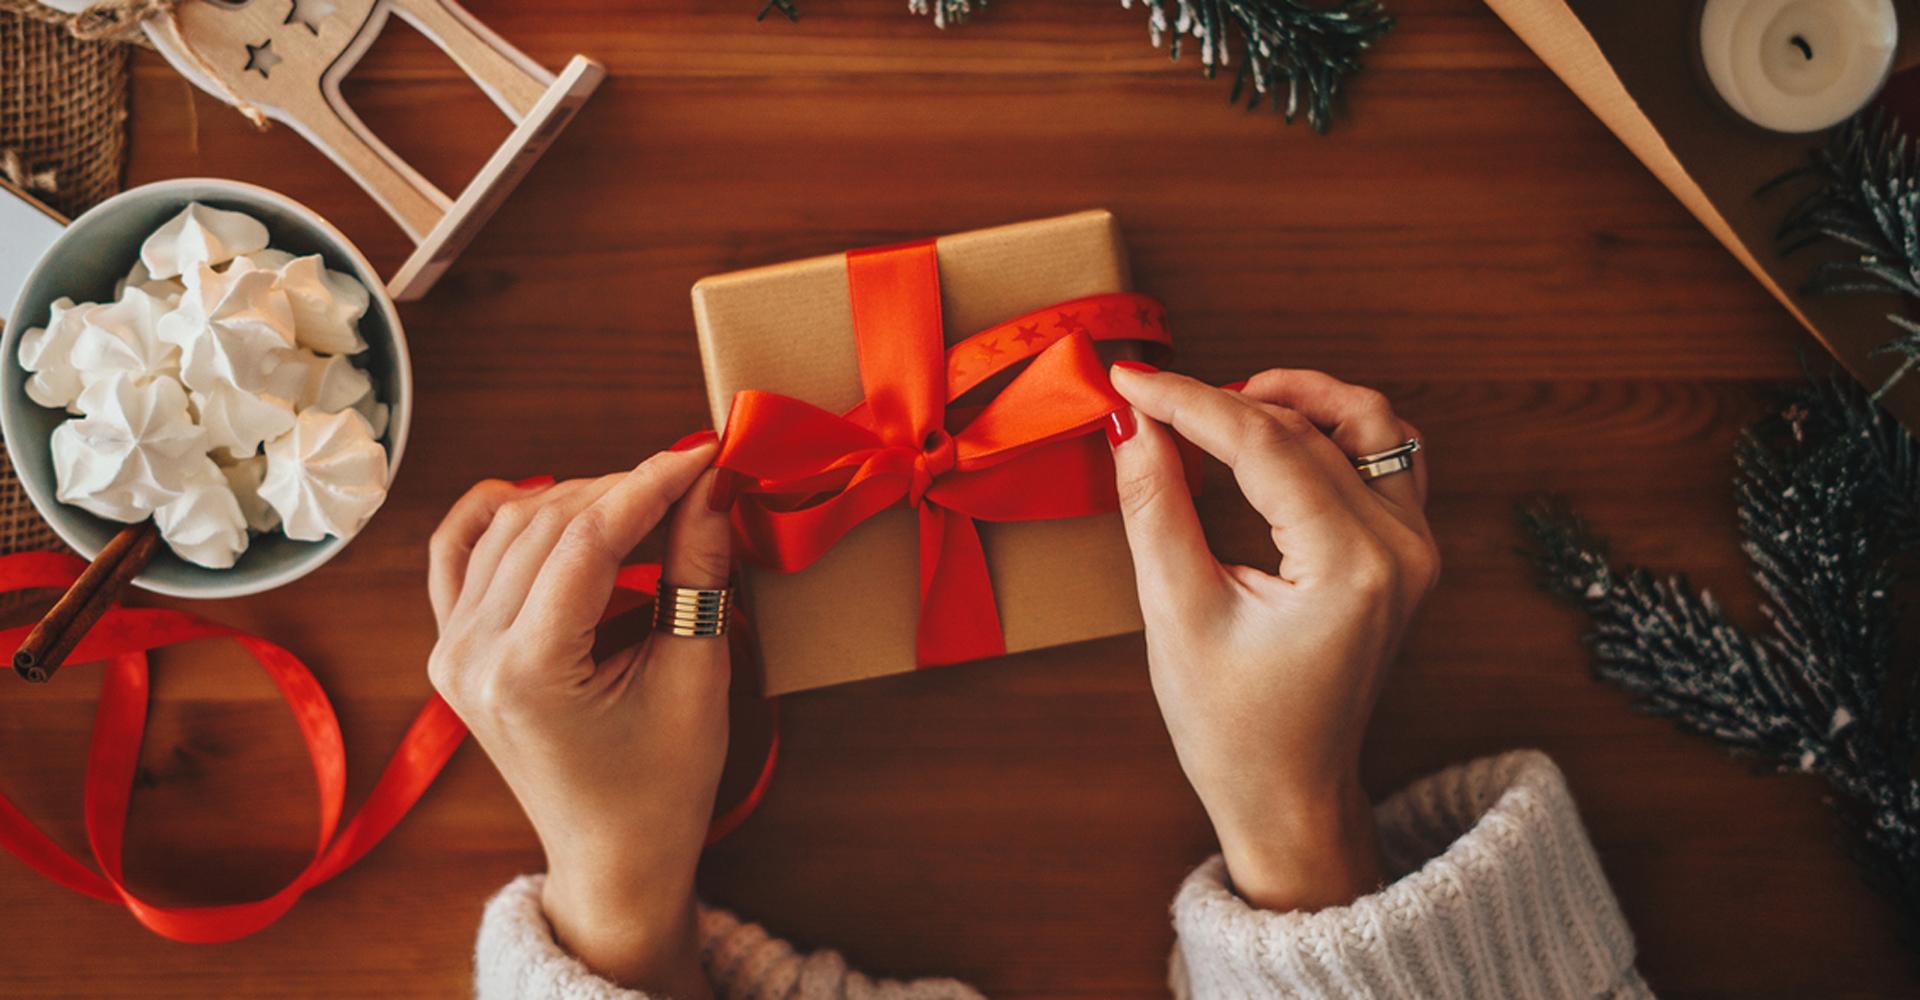 Frau verpackt Geschenk, in dem smarter Schmuck ist.